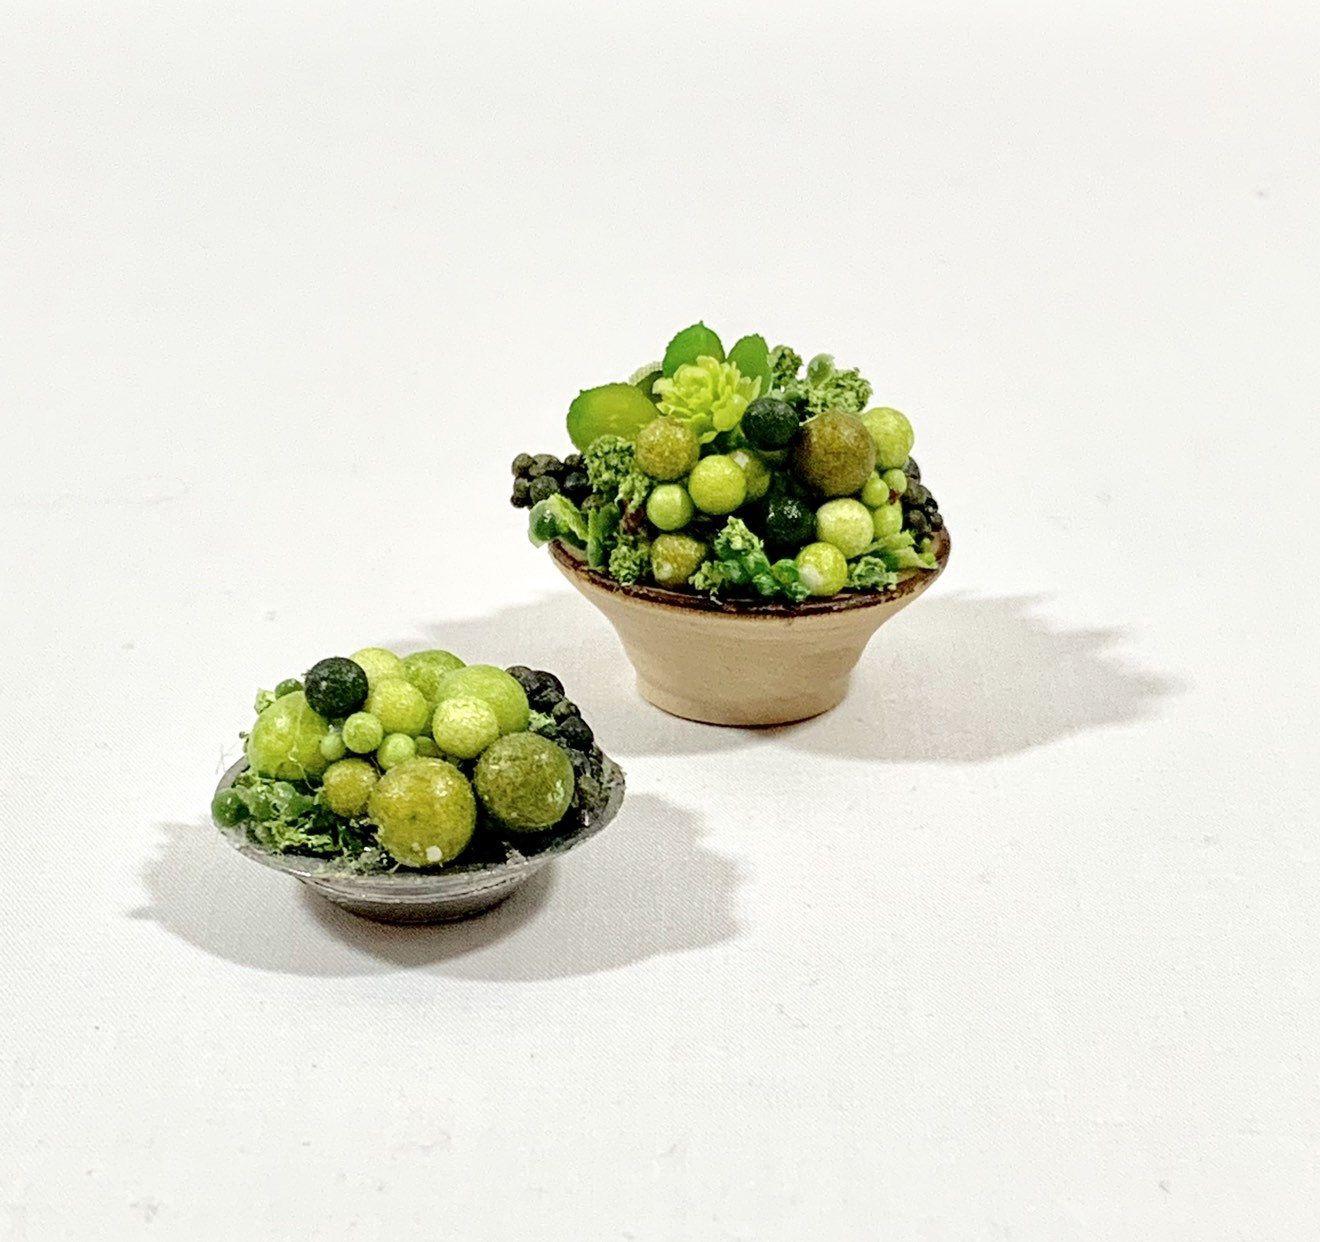 Dollhouse Table Centerpiece Plant Miniature Fl